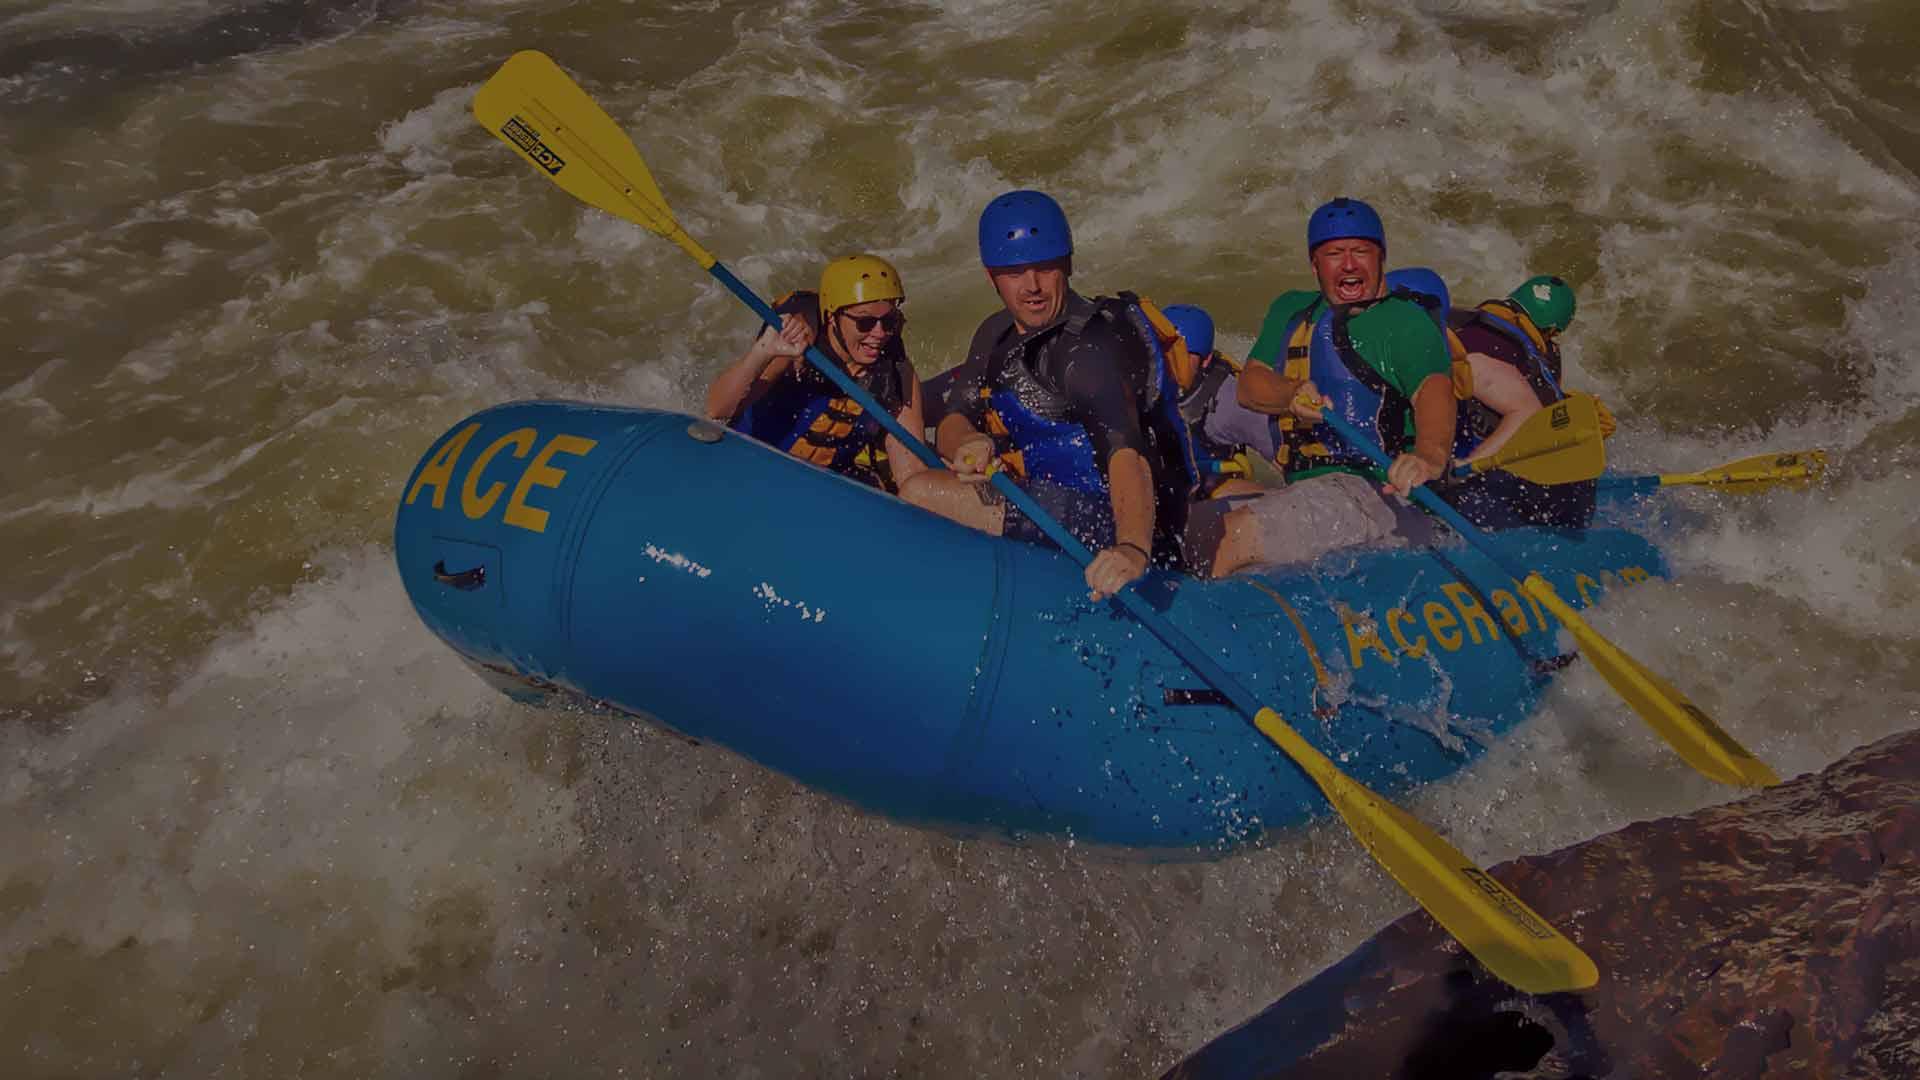 Ace Adventure Resort Wv Whitewater Rafting Waterpark